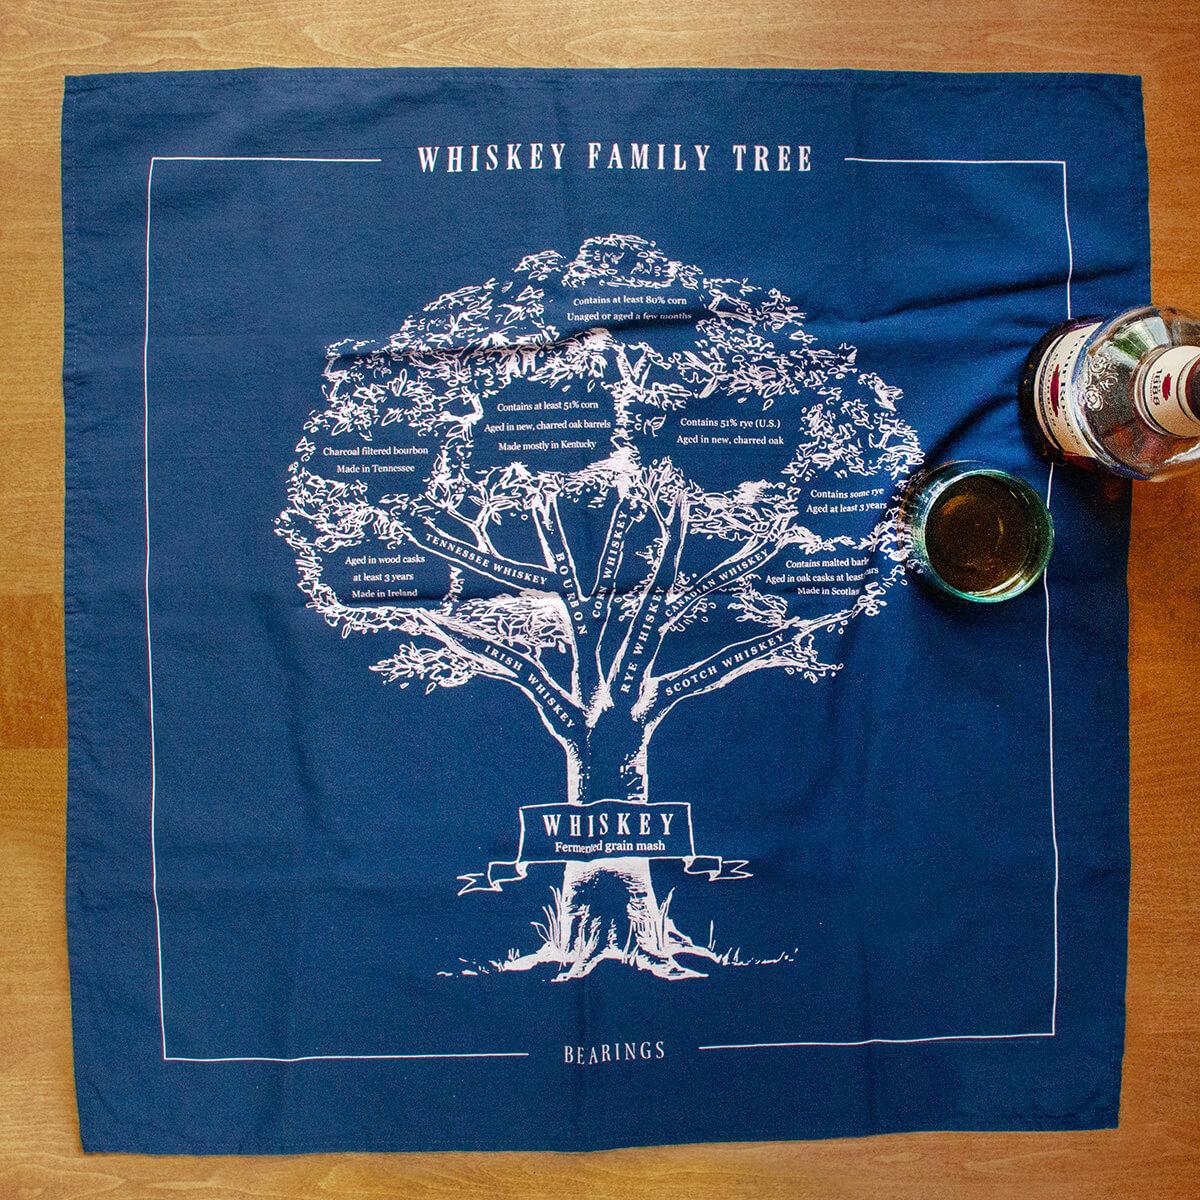 whiskey-family-tree-bandana-03.jpg